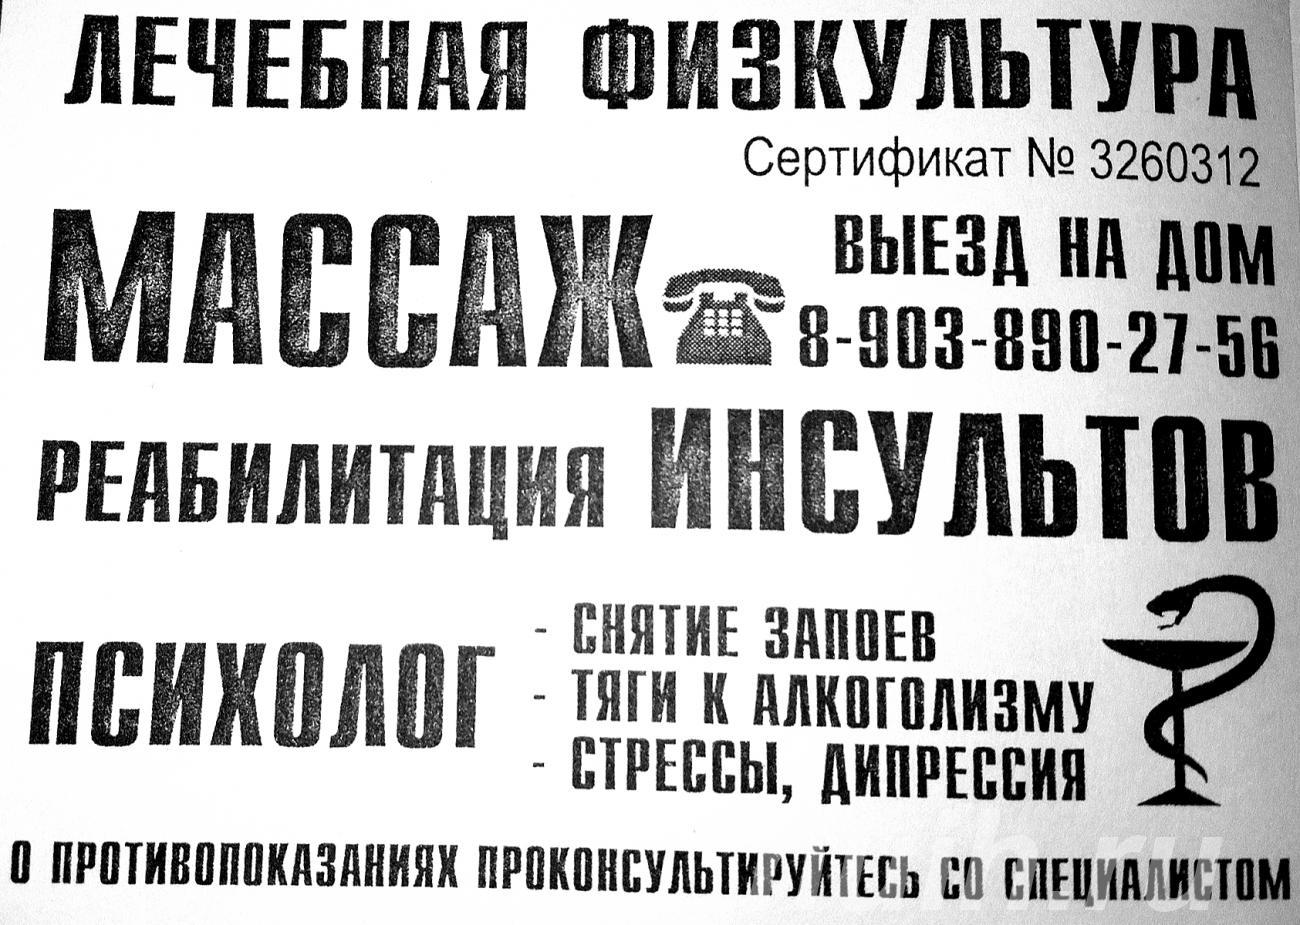 Массаж. ЛФК. Реабилитация инсультов. ...,  Смоленск